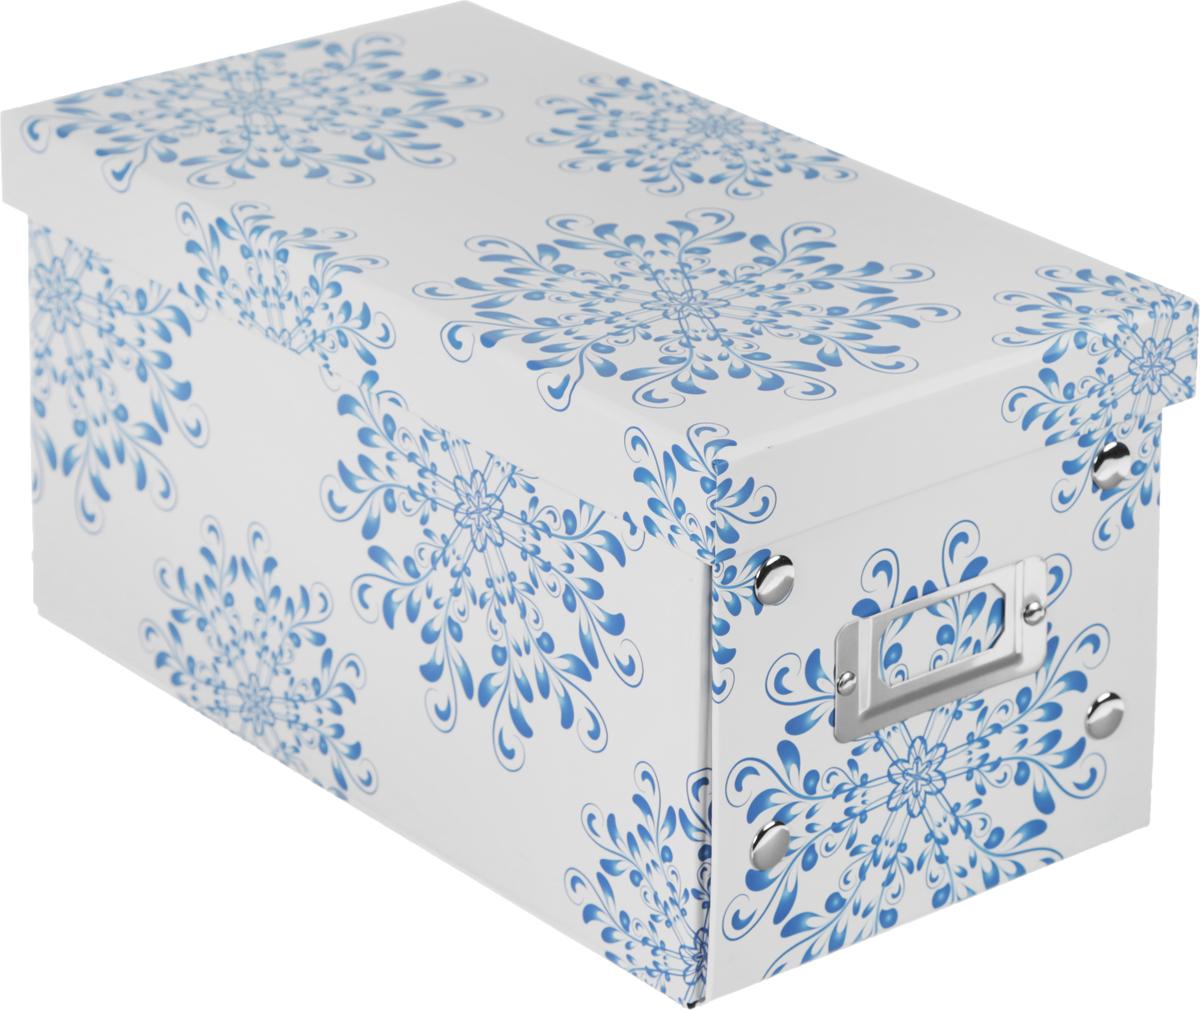 Коробка для хранения, складная, цвет: белый, синий, 15,5 х 27 х 14 смLS-8284 AKКоробкадля хранения изготовлена из высококачественного плотного картонаи оформлена оригинальным принтом. Она предназначена для хранения различных мелочей. Изделие легко собирается с помощью металлических креплений и не занимает много места. Такая коробка для хранения идеальное решение для аккуратного хранения различных ниток, канцелярских товаров.Размер коробки (в собранном виде): 15,5 х 27 х 14 см.